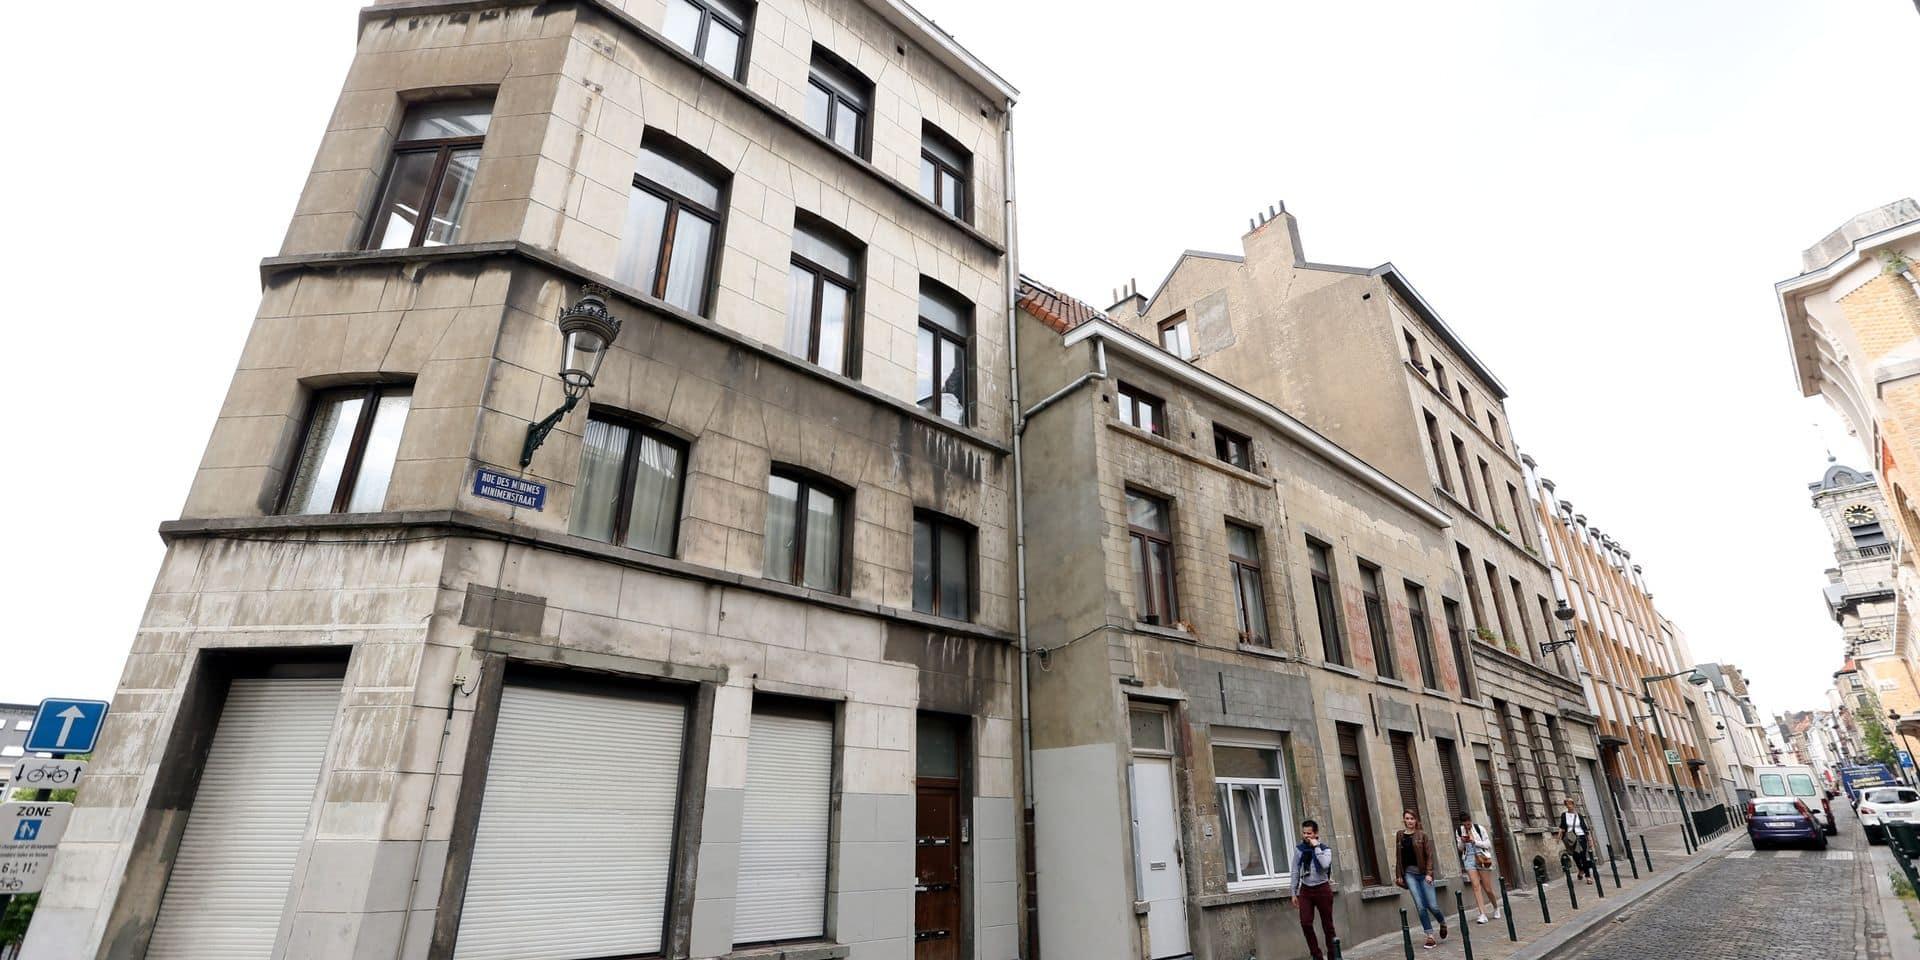 Fermeture d'un restaurant clandestin dans le quartier des Marolles à Bruxelles